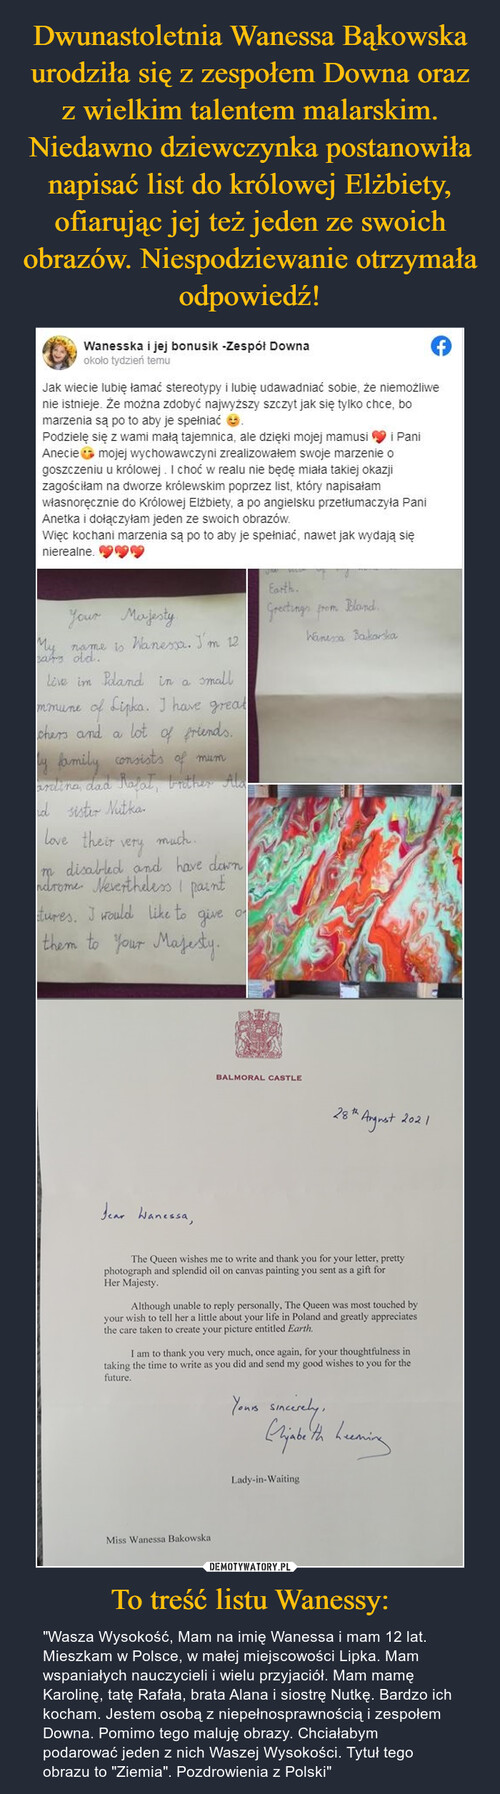 Dwunastoletnia Wanessa Bąkowska urodziła się z zespołem Downa oraz z wielkim talentem malarskim. Niedawno dziewczynka postanowiła napisać list do królowej Elżbiety, ofiarując jej też jeden ze swoich obrazów. Niespodziewanie otrzymała odpowiedź! To treść listu Wanessy: